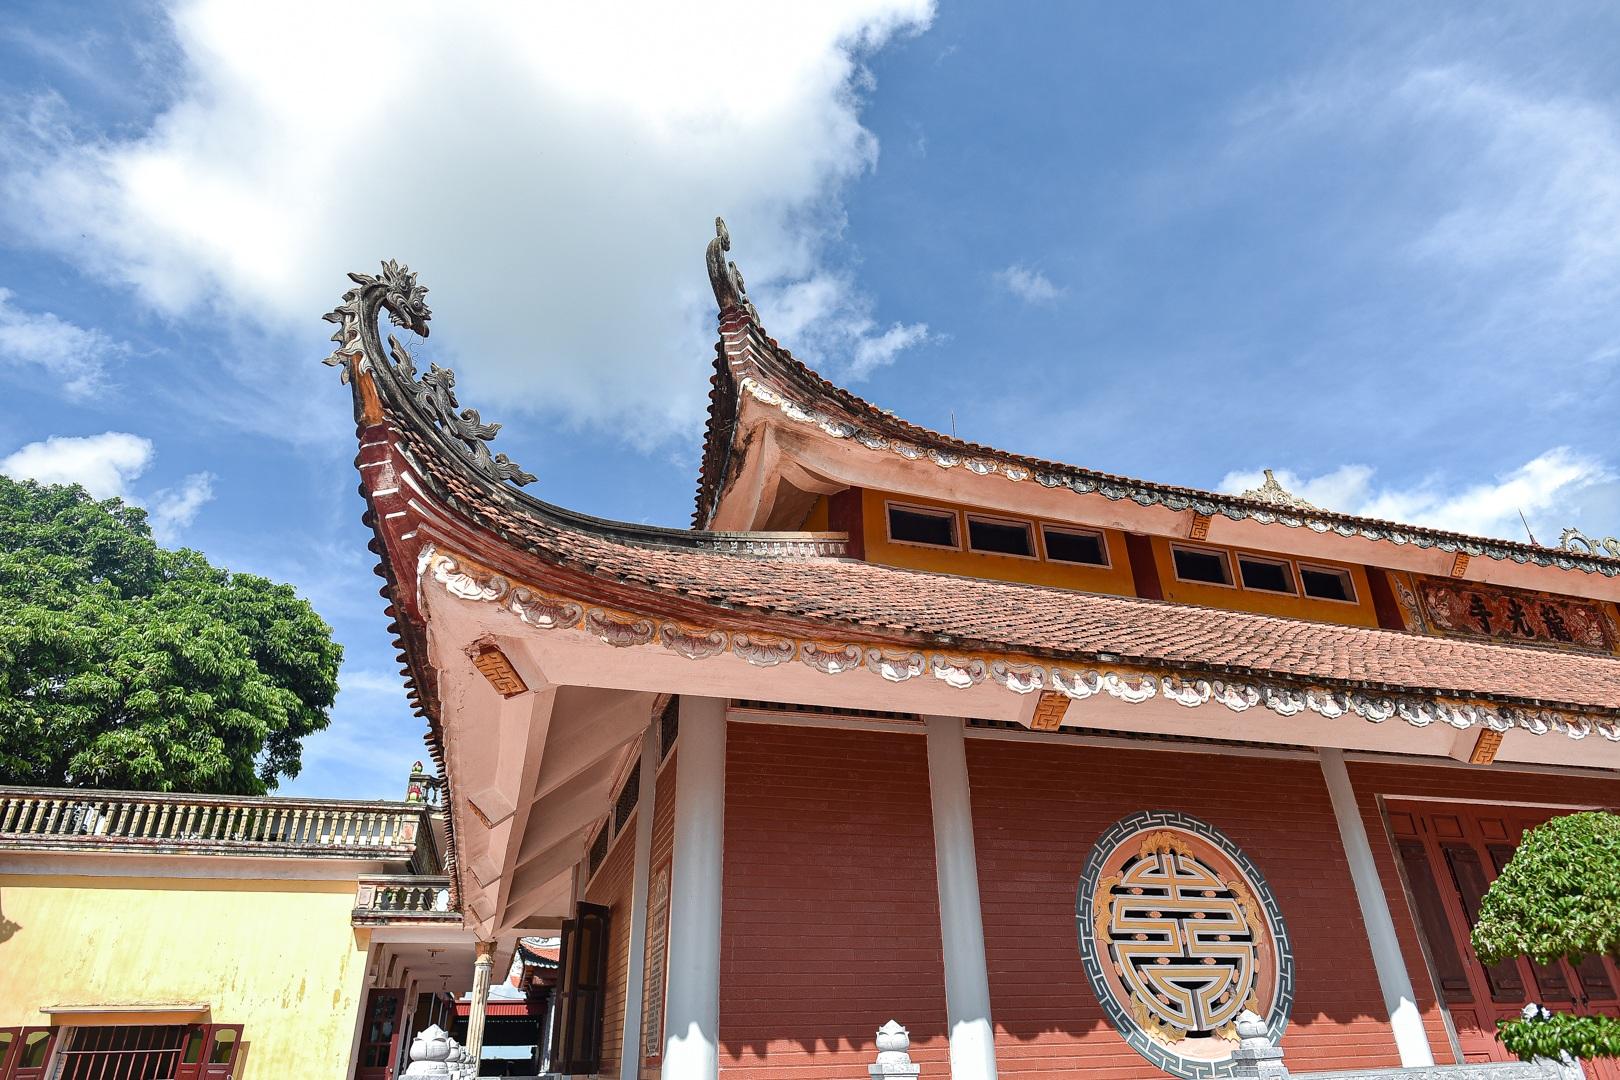 Ngôi đền 600 năm tuổi có kiến trúc độc đáo bậc nhất ở Nam Định - 6